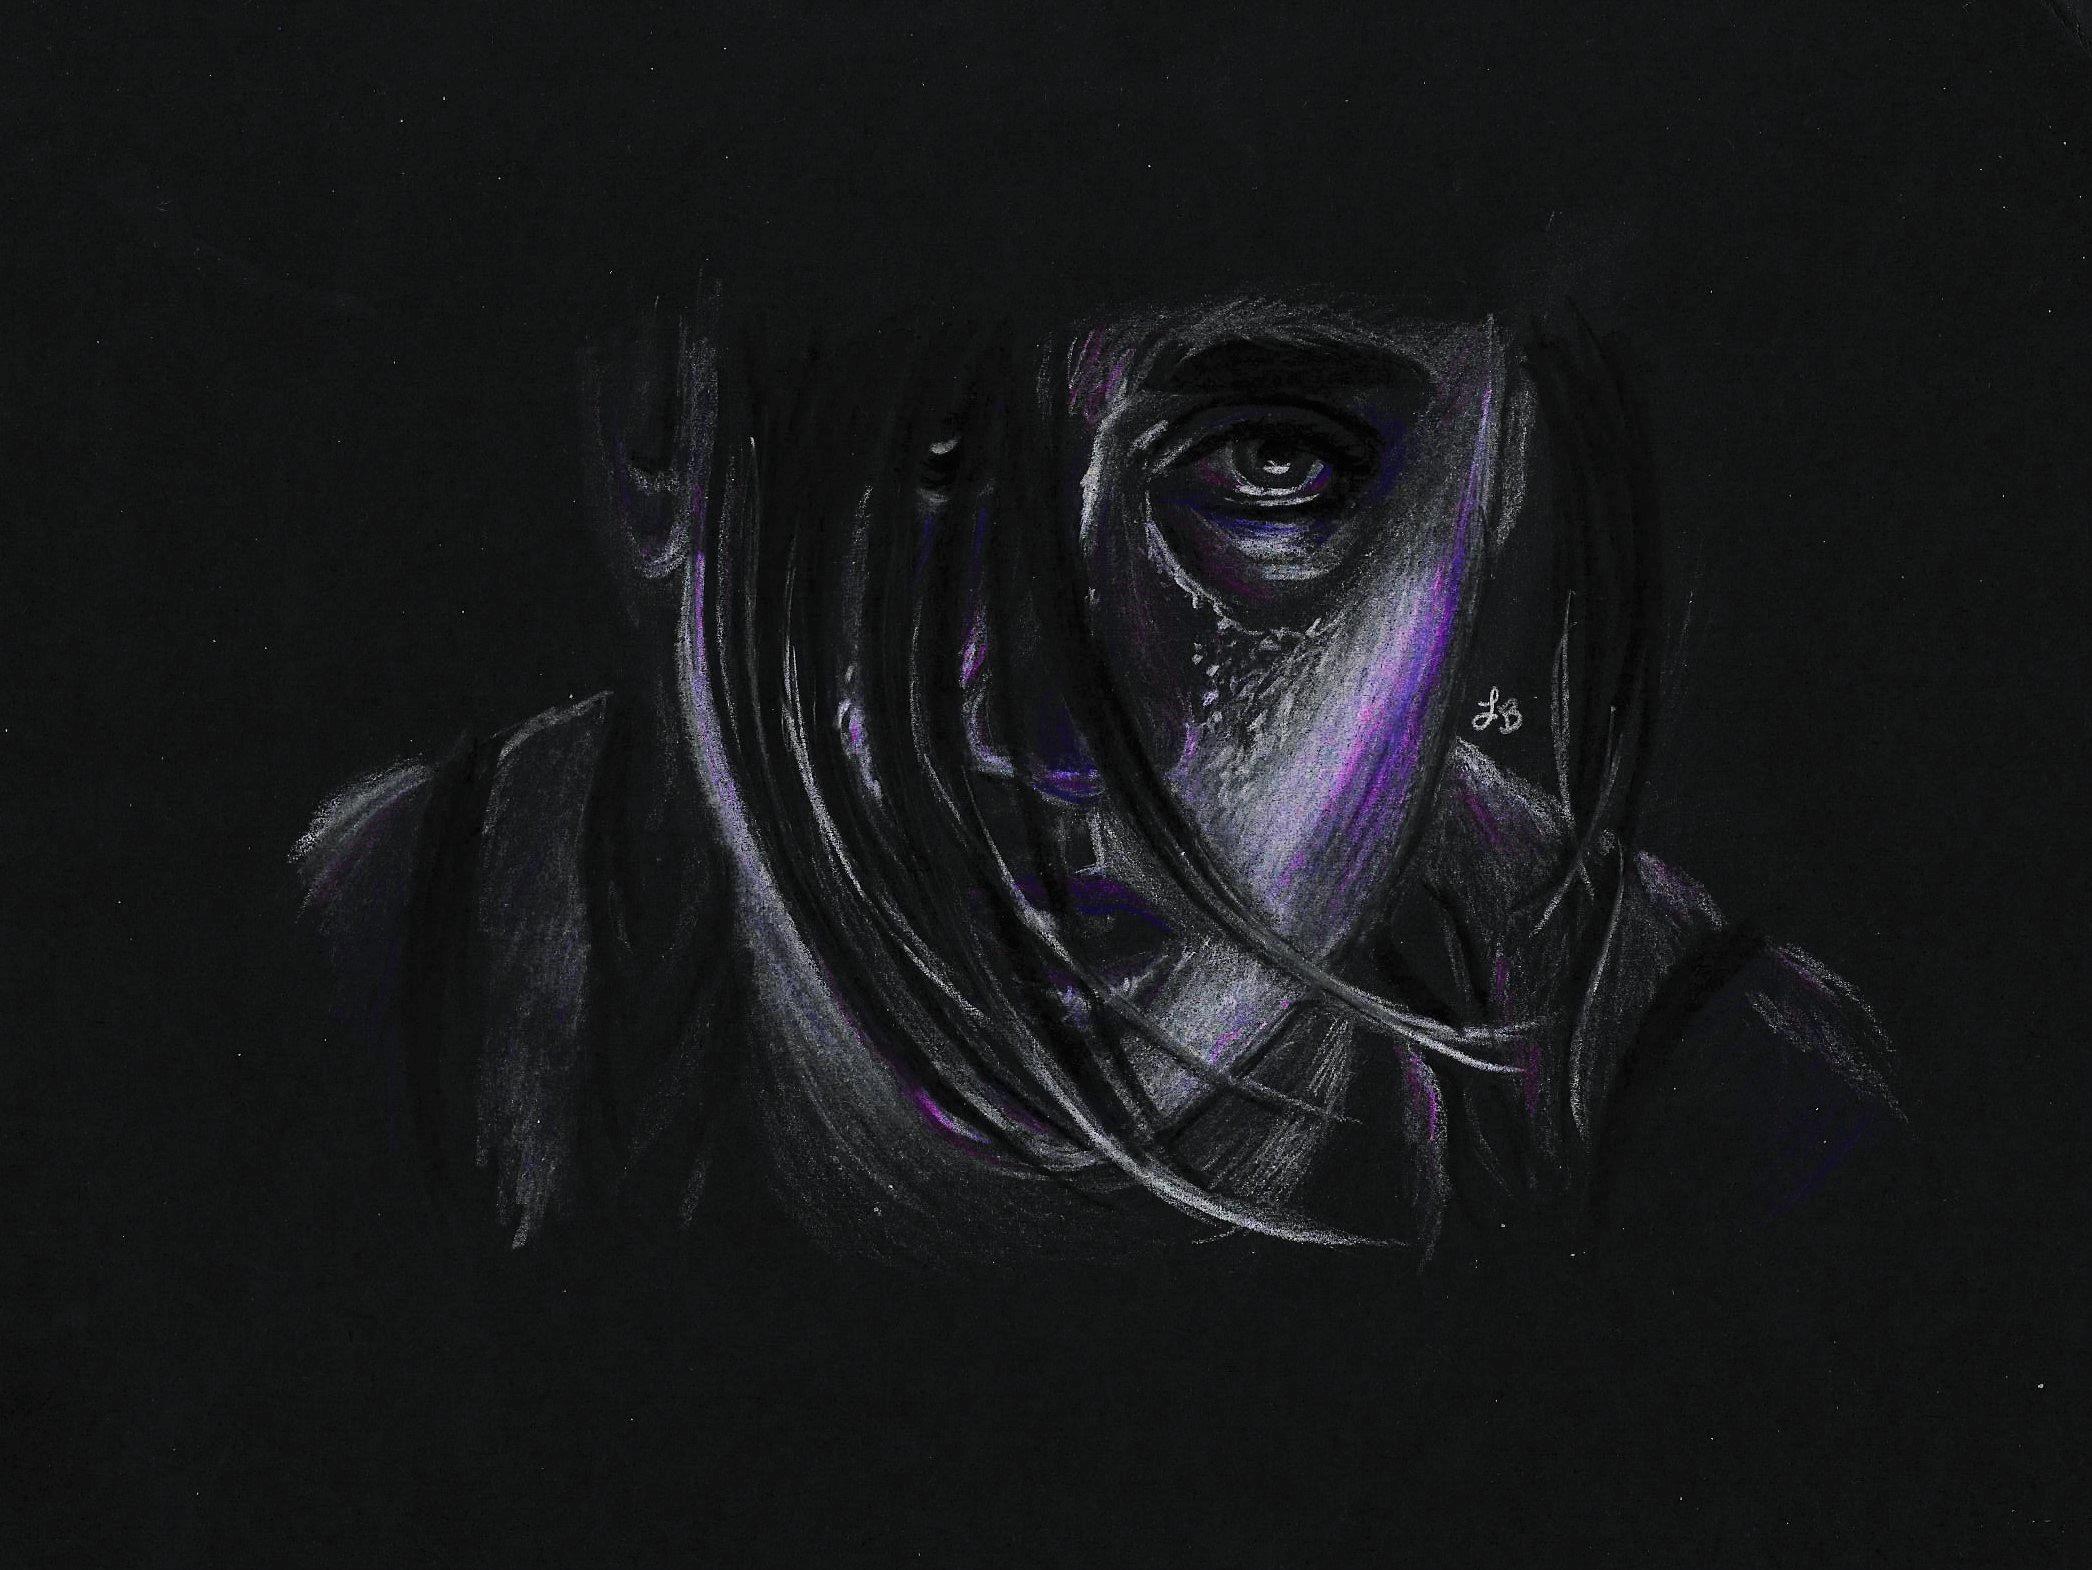 Requiem jennifer connelly 'Snowpiercer': Is